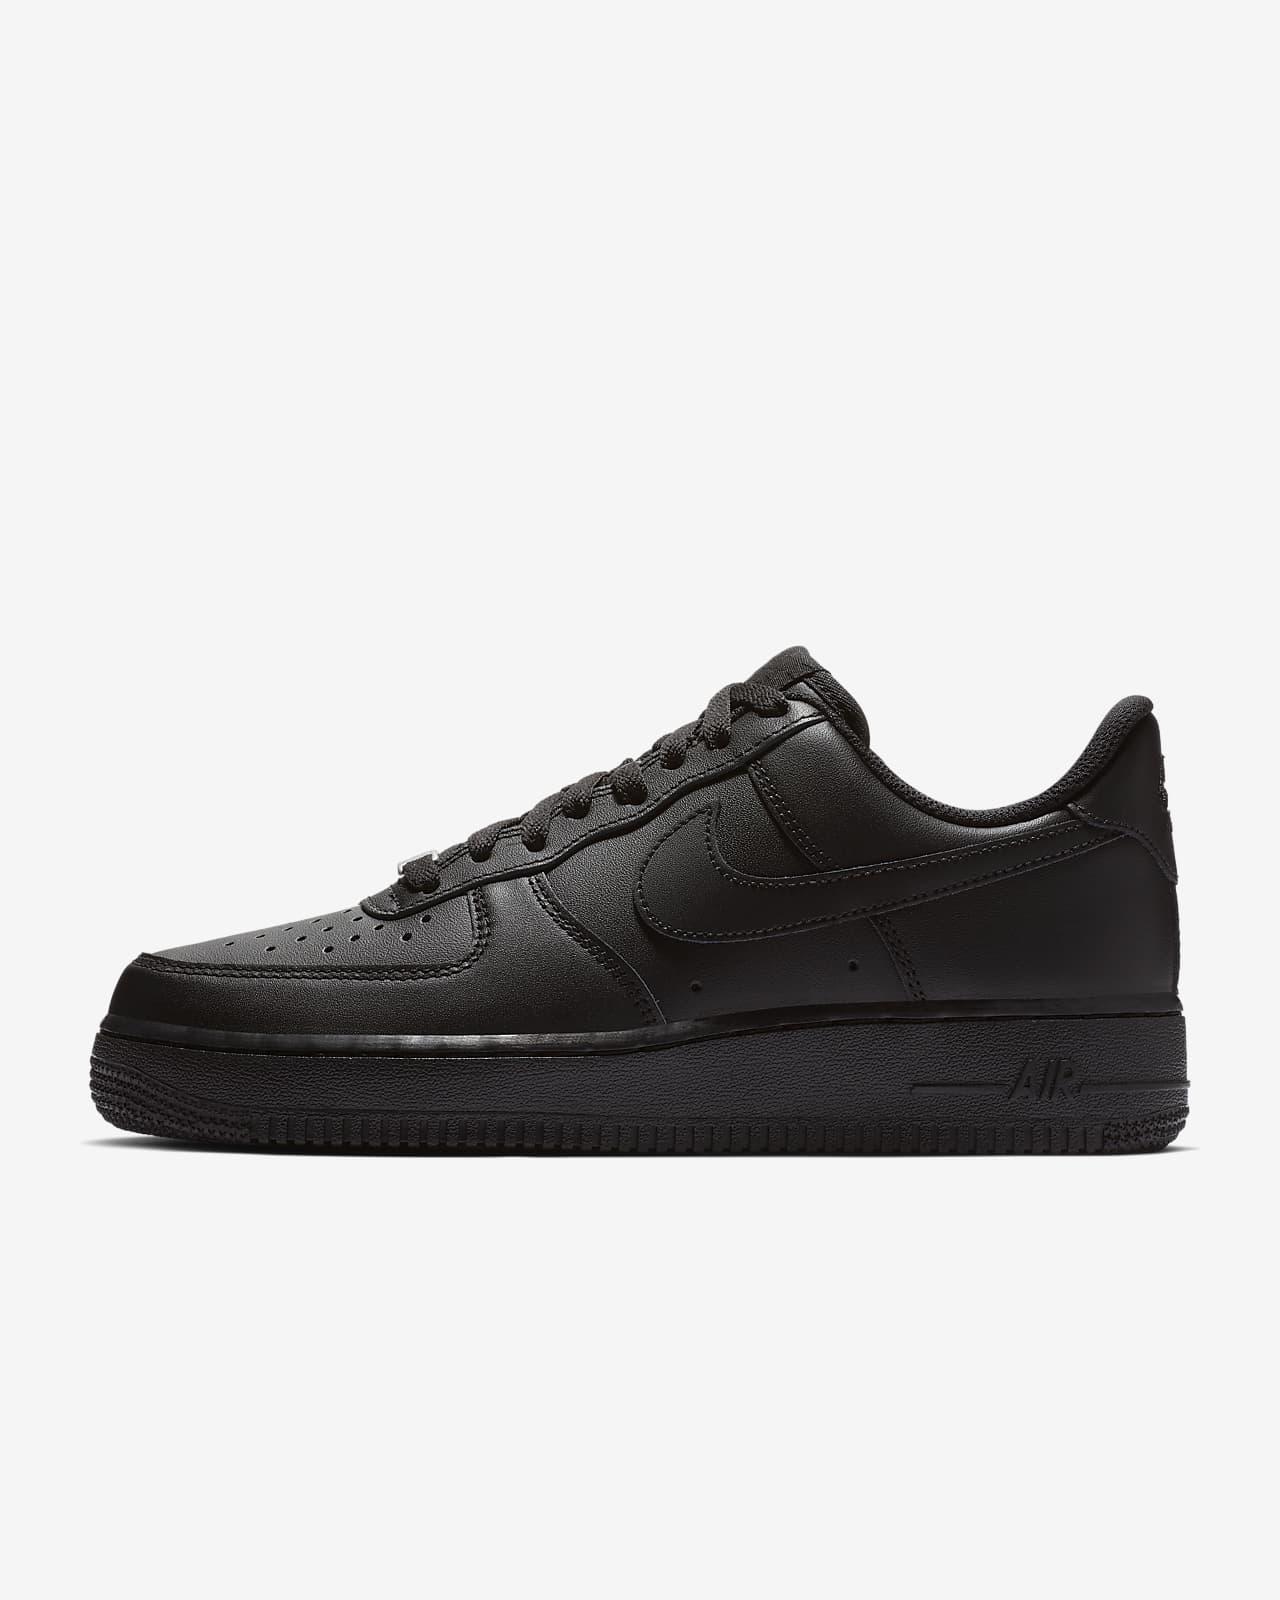 รองเท้าผู้หญิง Nike Air Force 1 '07